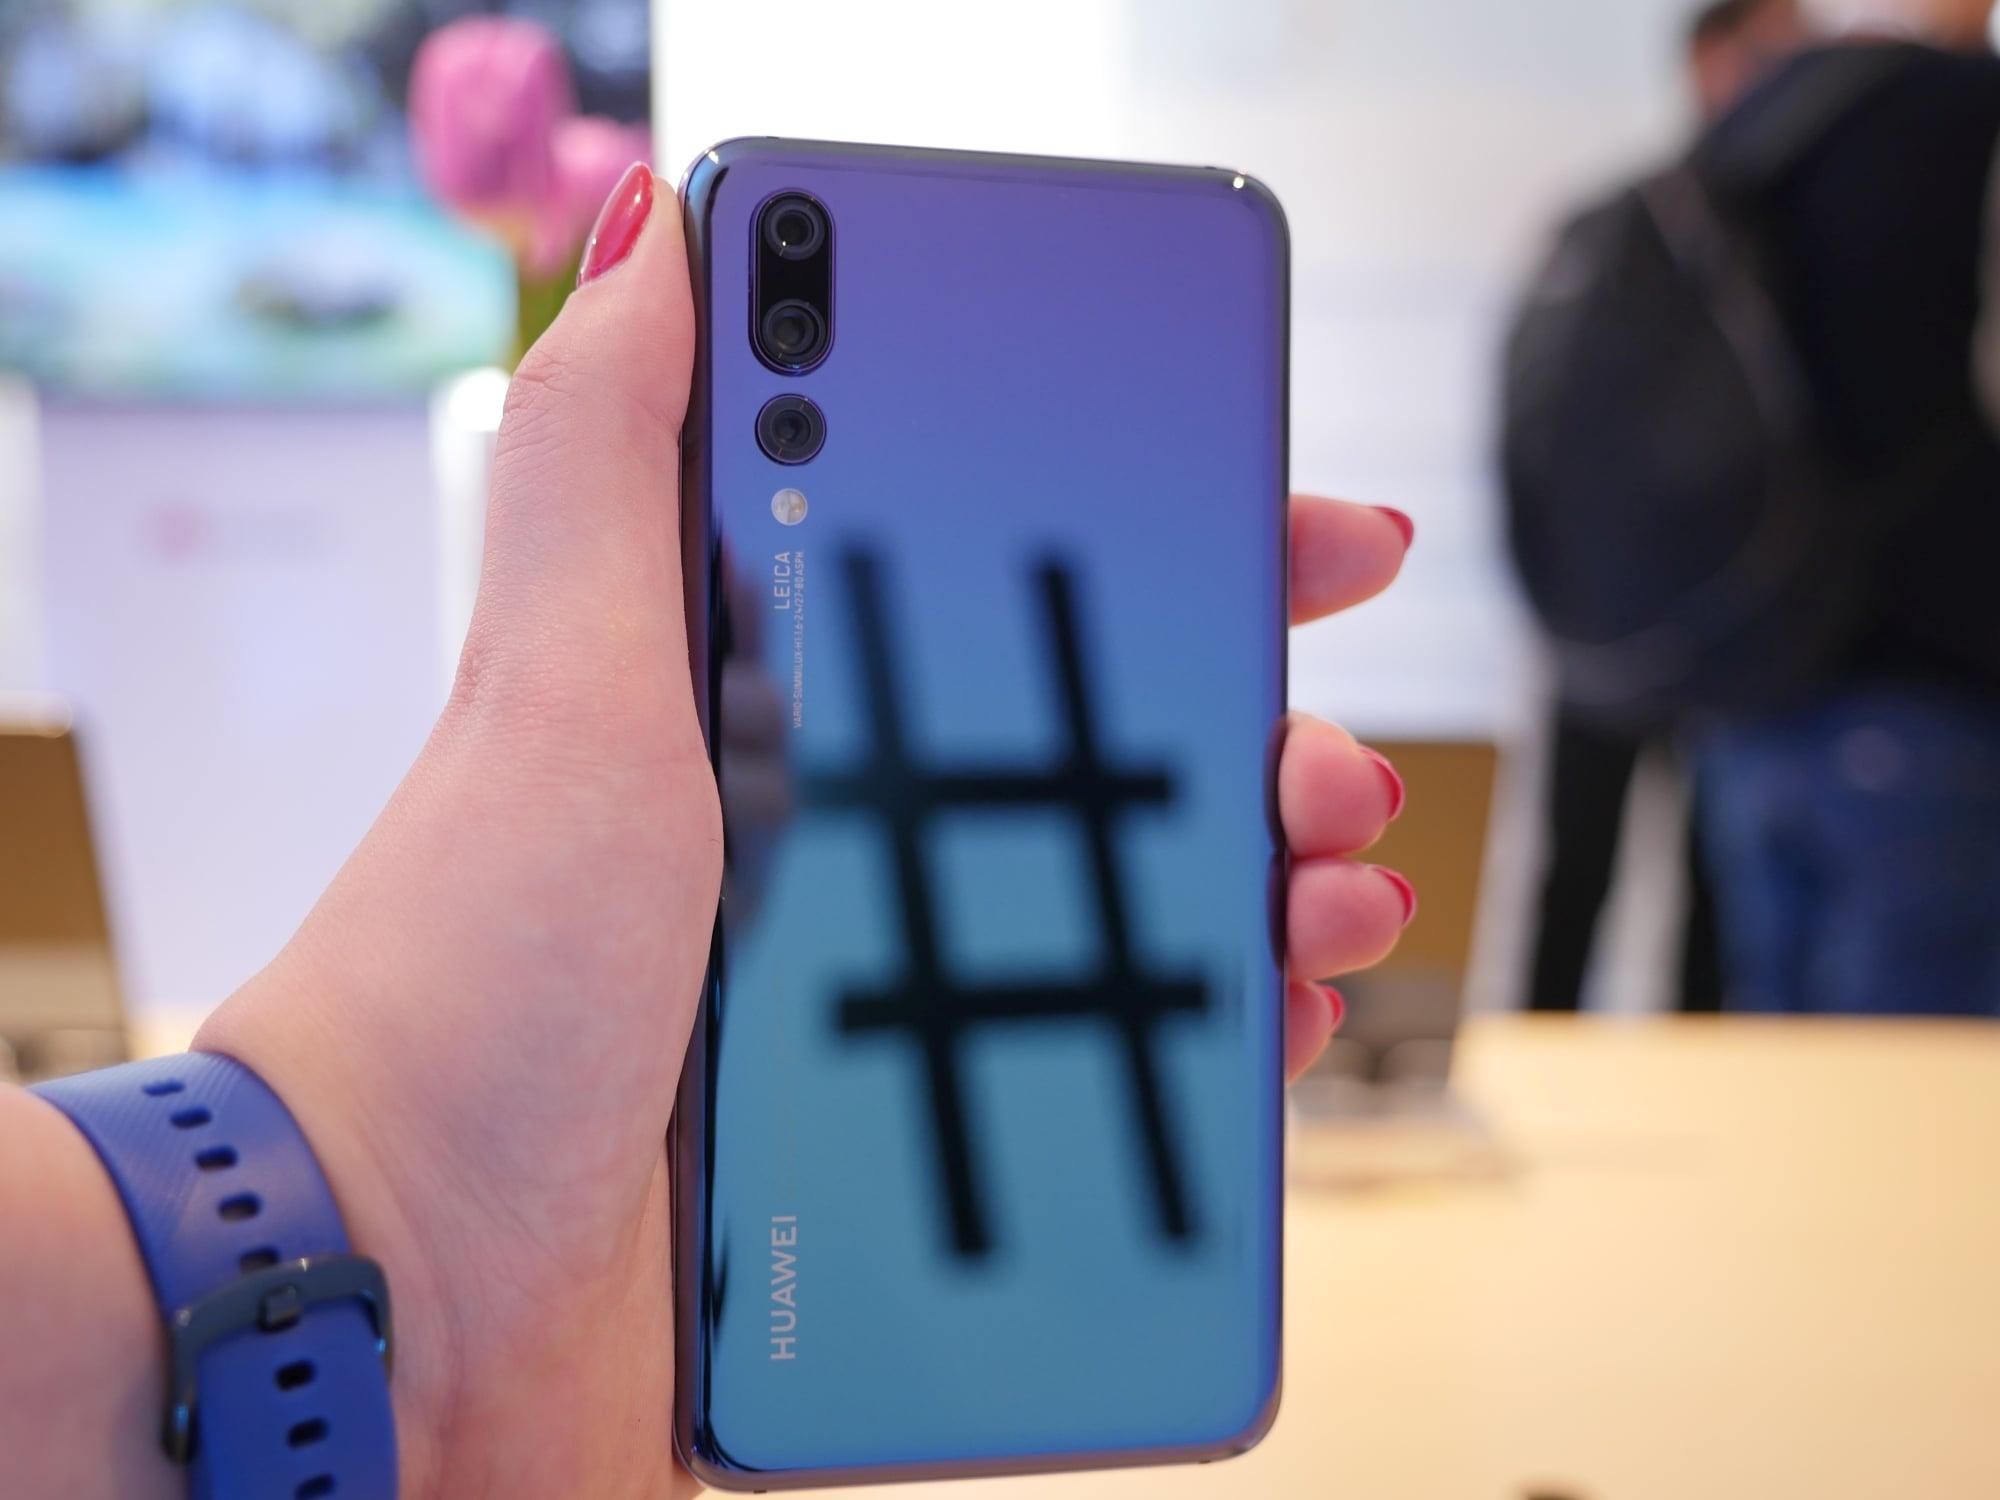 Huawei za wszelką cenę chce udowodnić, że ma najlepszy aparat w smartfonie. I może mu się udać. P20 Pro - pierwsze wrażenia 24